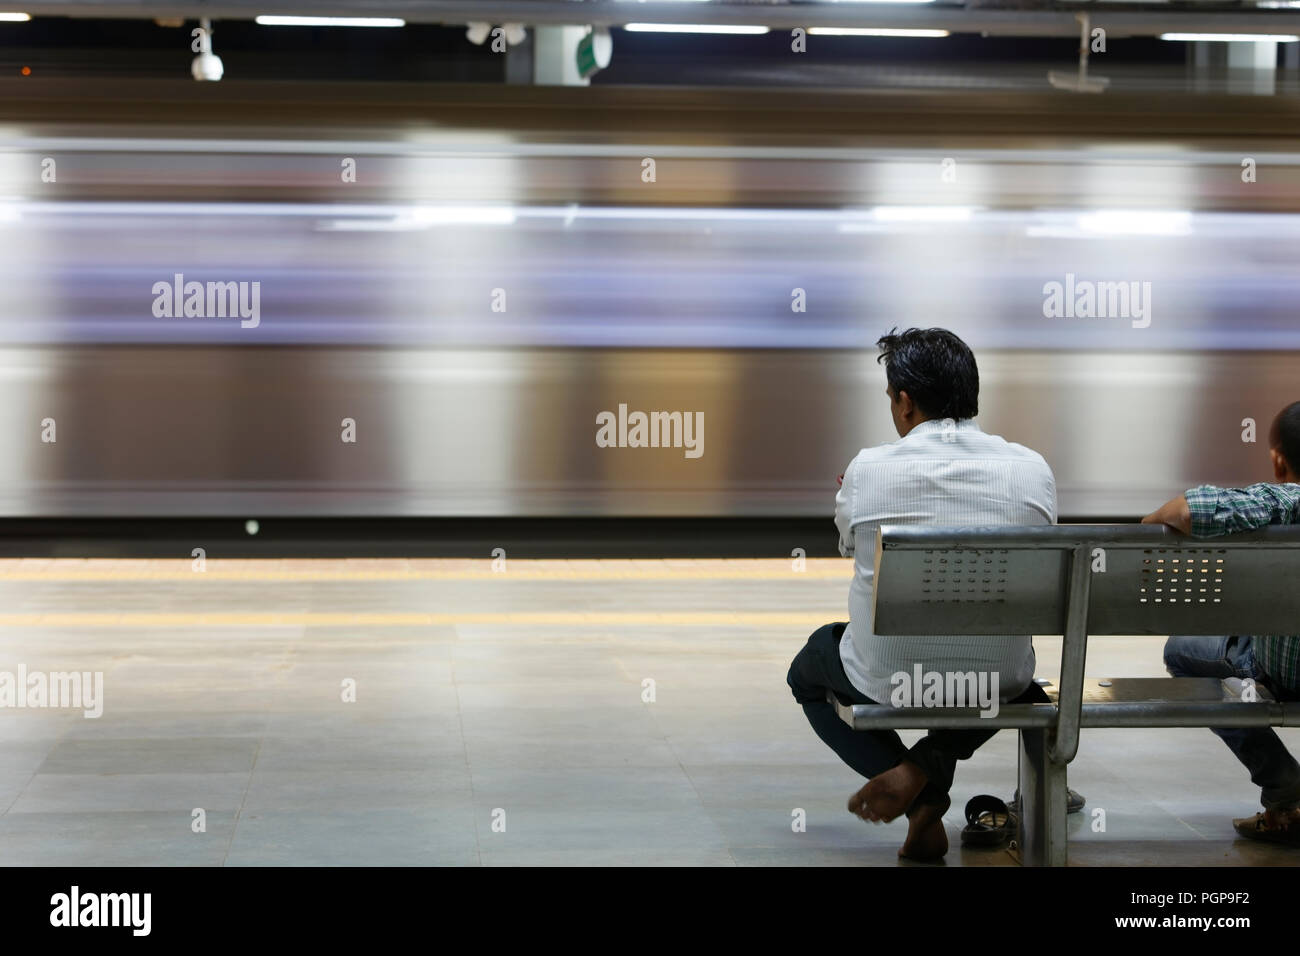 Mumbai Metro interior y exterior. Cómodo, moderno, rápido y aire acondicionado, nueva forma de transporte en Mumbai, India, Foto de stock